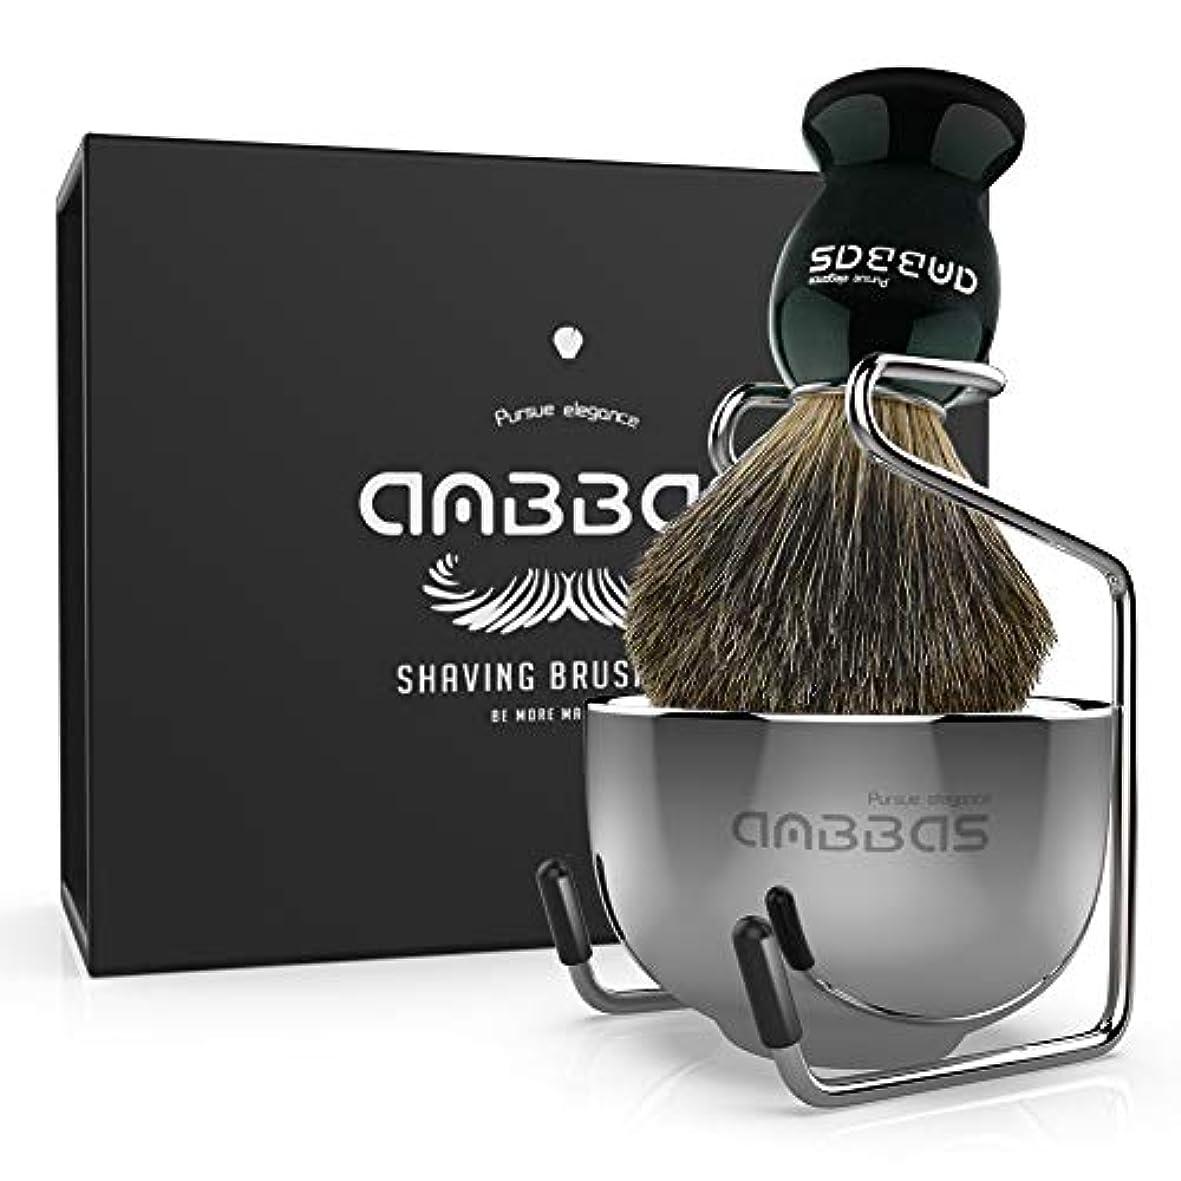 根拠系統的エンドテーブルAnbbas シェービングブラシセット アナグマ毛 ブラシ+スタンド+石鹸ボウル 3点セット メンズ 髭剃り 泡立ち 洗顔ブラシ